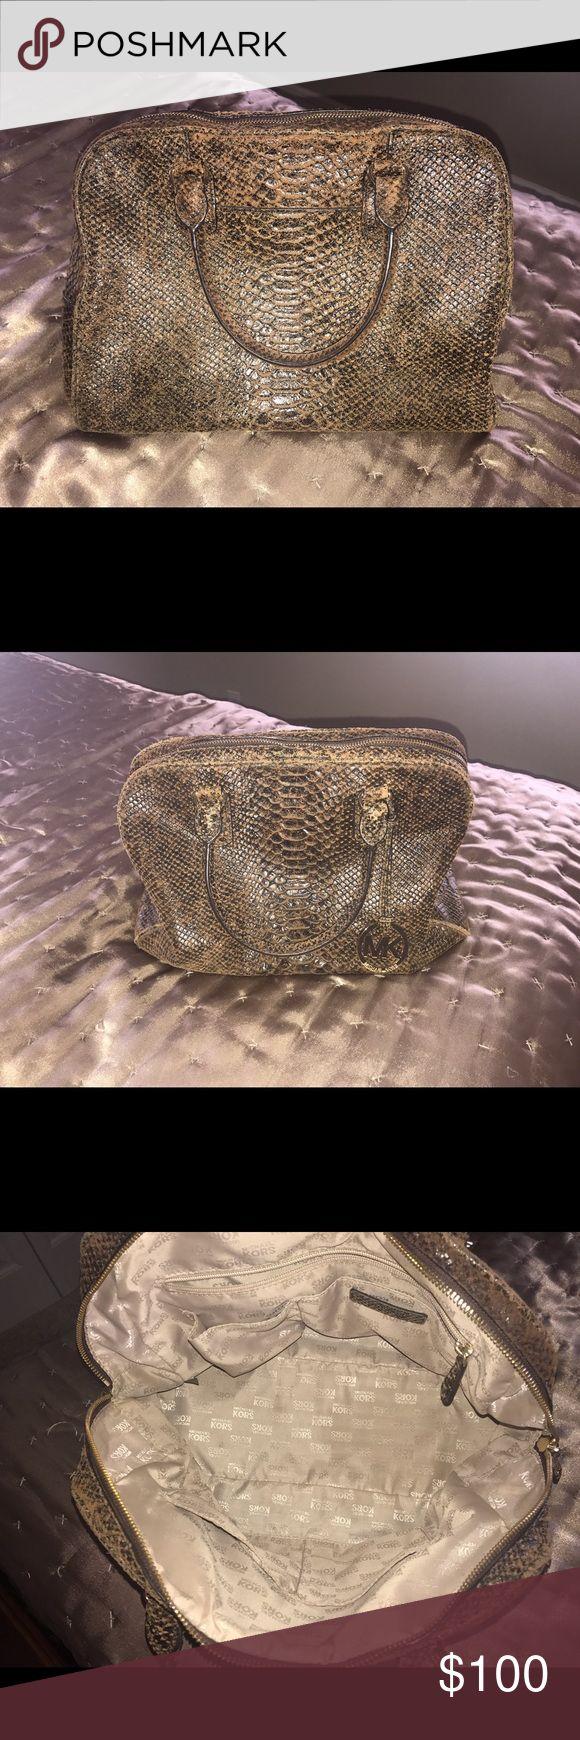 Michael Kors Bag. Gorgeous! 👜 Brown Michael Kors Bag. Mint condition. Smoke free and pet free home. Price negotiable..make an offer! 😊⭐️ KORS Michael Kors Bags Totes